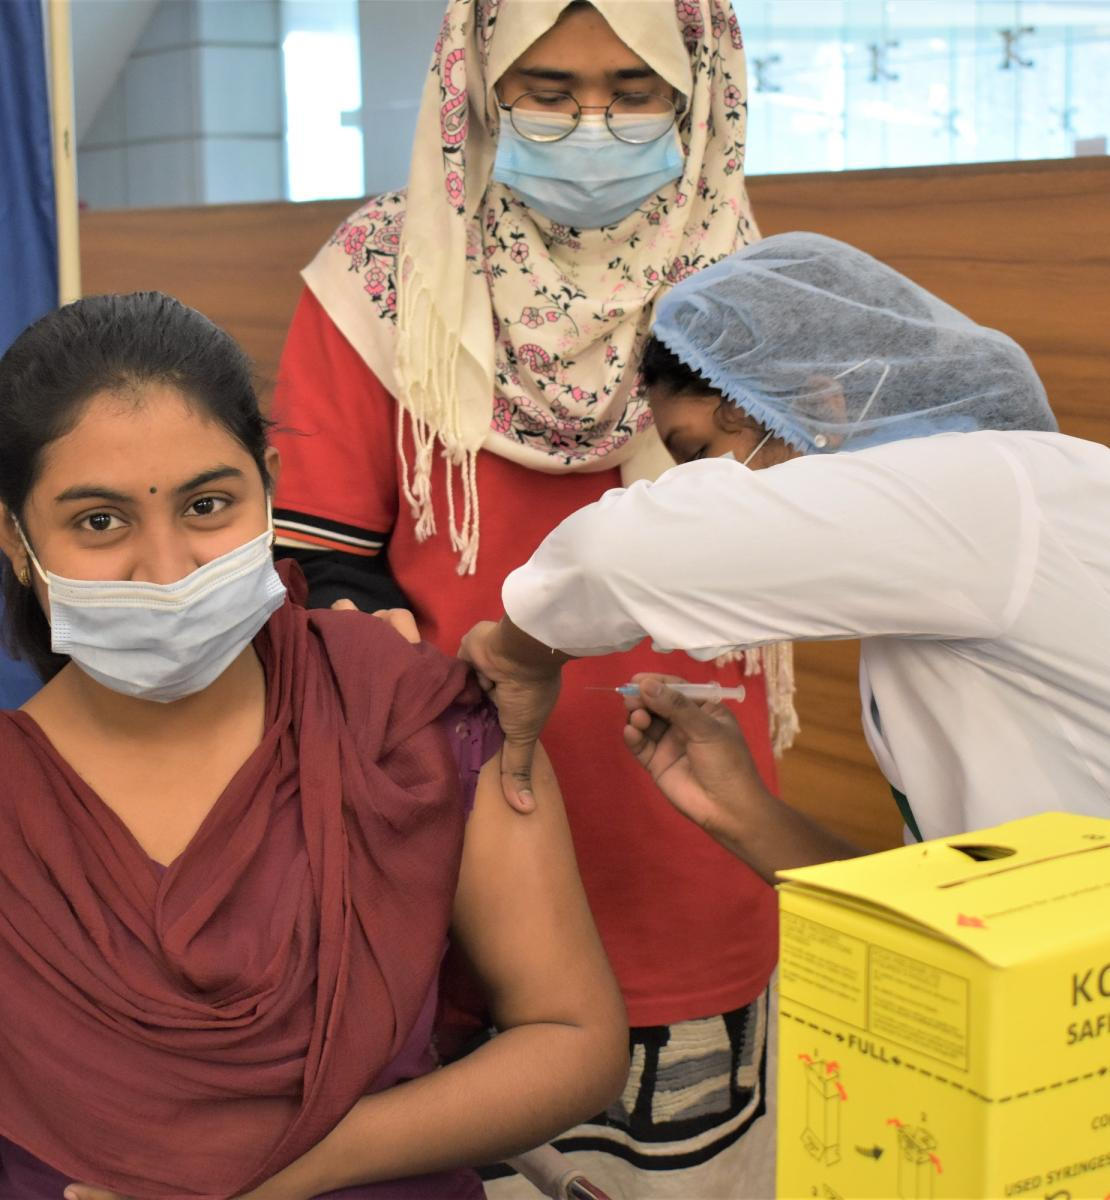 Une jeune femme se fait vacciner contre la COVID-19 en faisant avec les doigts le signe « V », pour « Vaccin ». Une femme portant une blouse blanche et une charlotte bleue lui administre le vaccin. Une troisième femme portant un foulard se tient debout en arrière-plan. Les trois femmes portent un masque de protection.